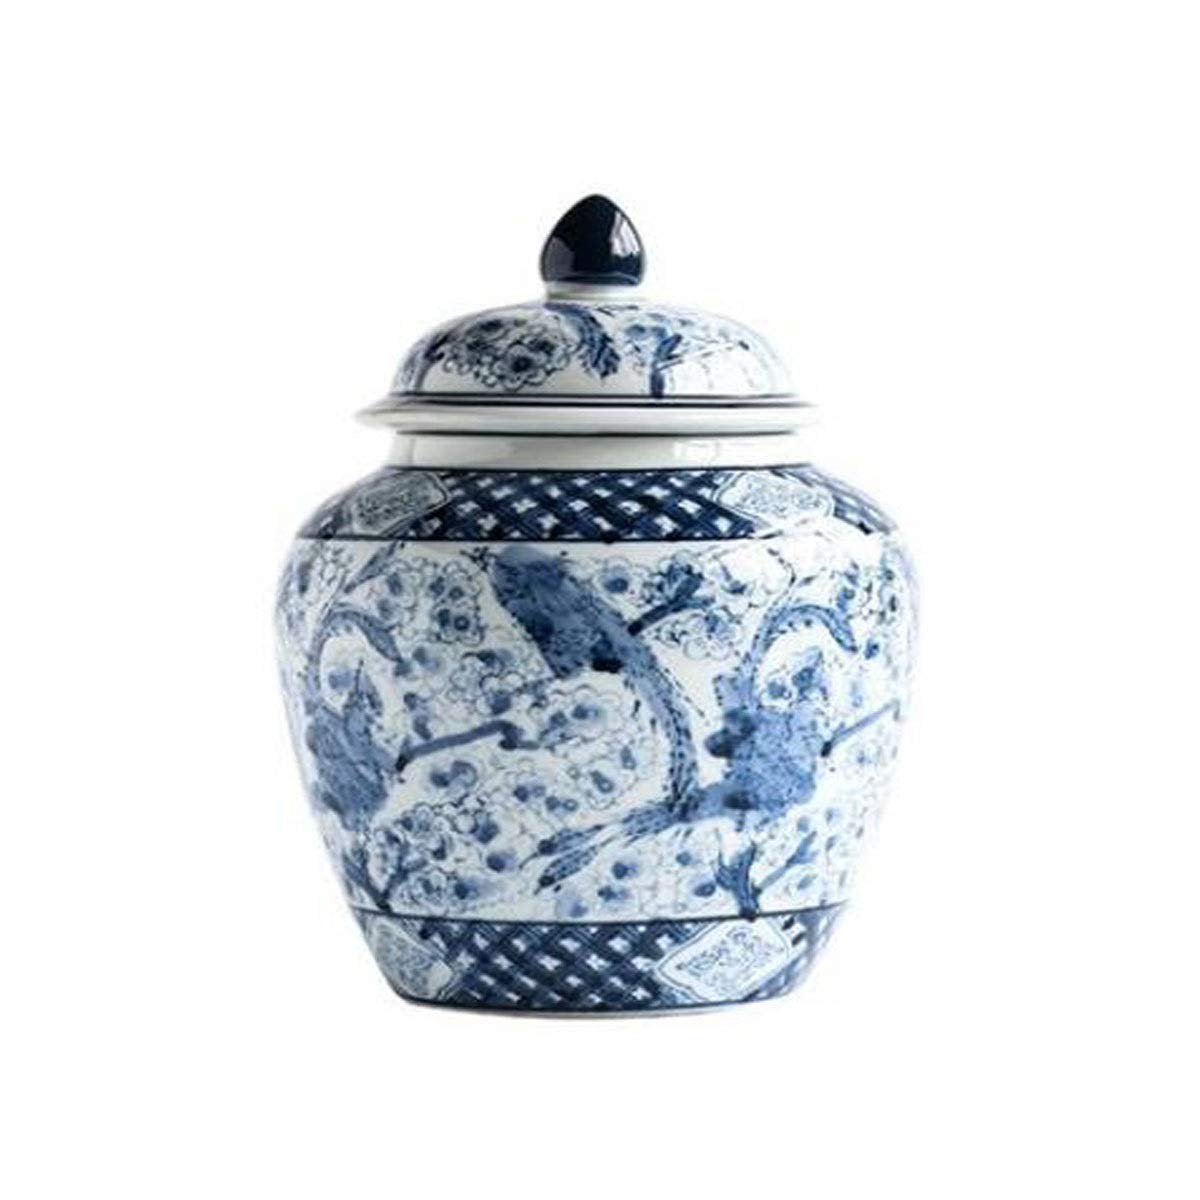 花瓶、新しい中国青と白の磁器セラミック花瓶リビングルーム装飾花瓶、17 * 26センチ (Color : A, Size : 17*26cm) B07S9MTQB7 A 17*26cm